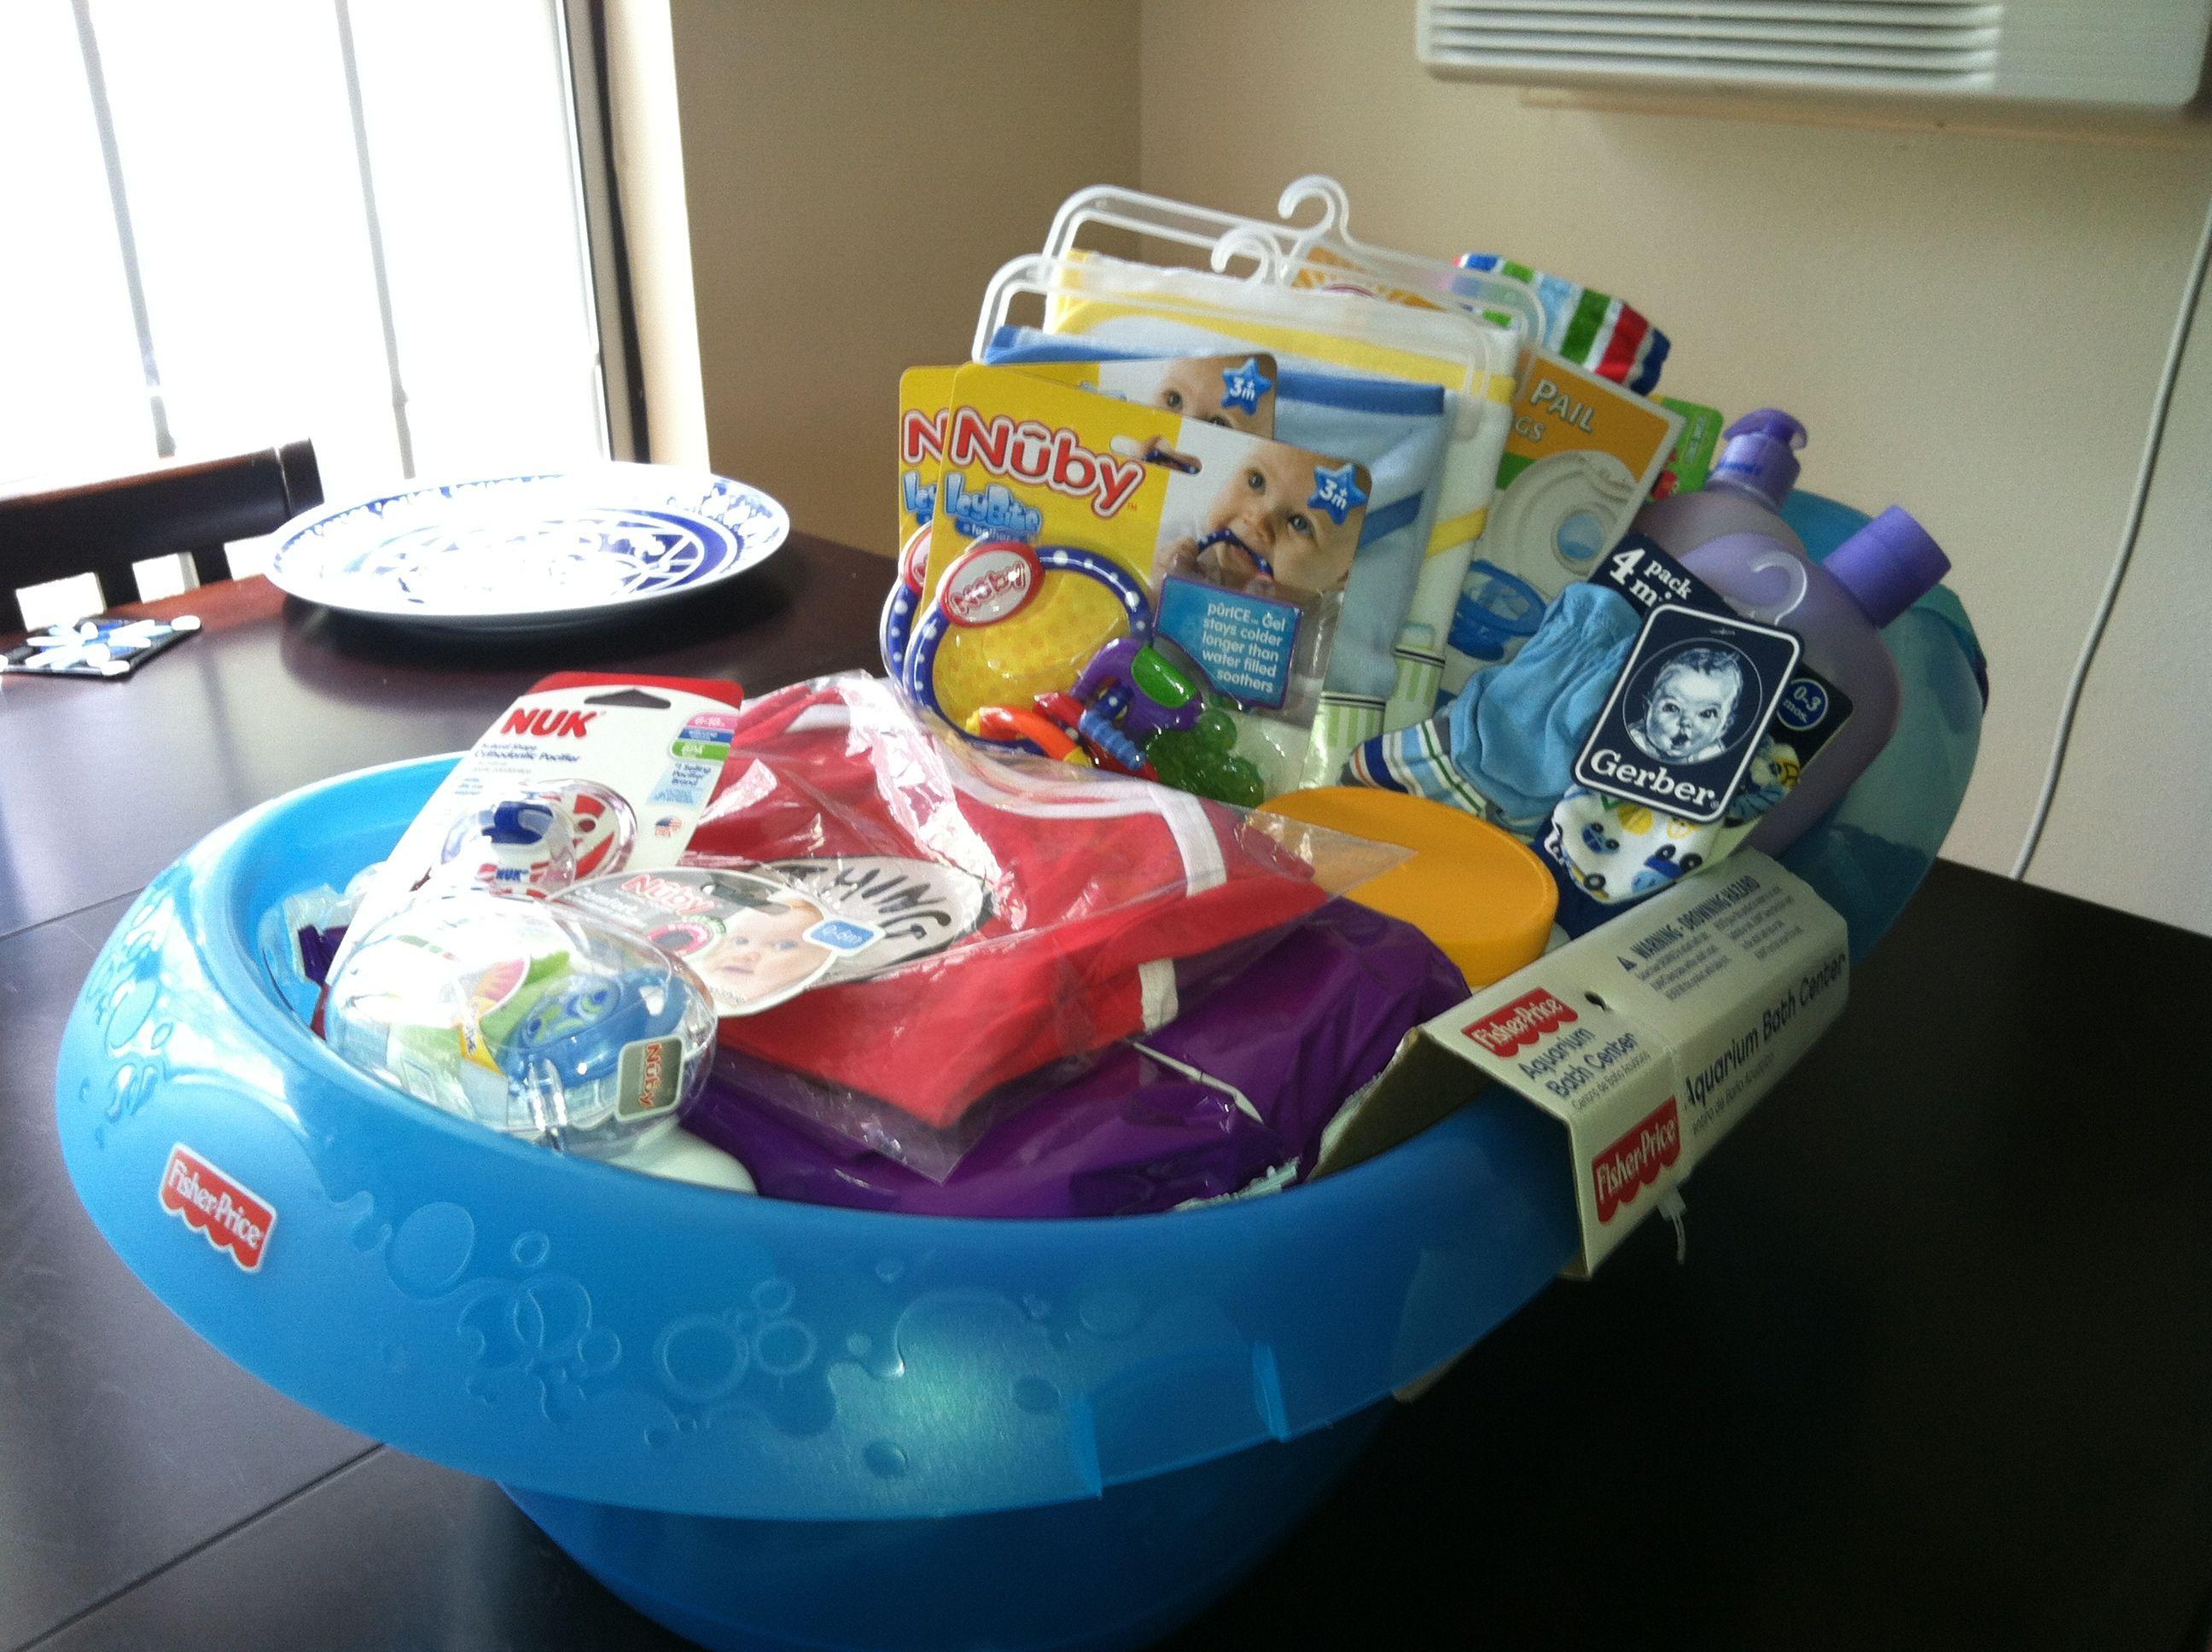 Baby bathtub gift basket | Gift baskets: Gotta Love Them ...